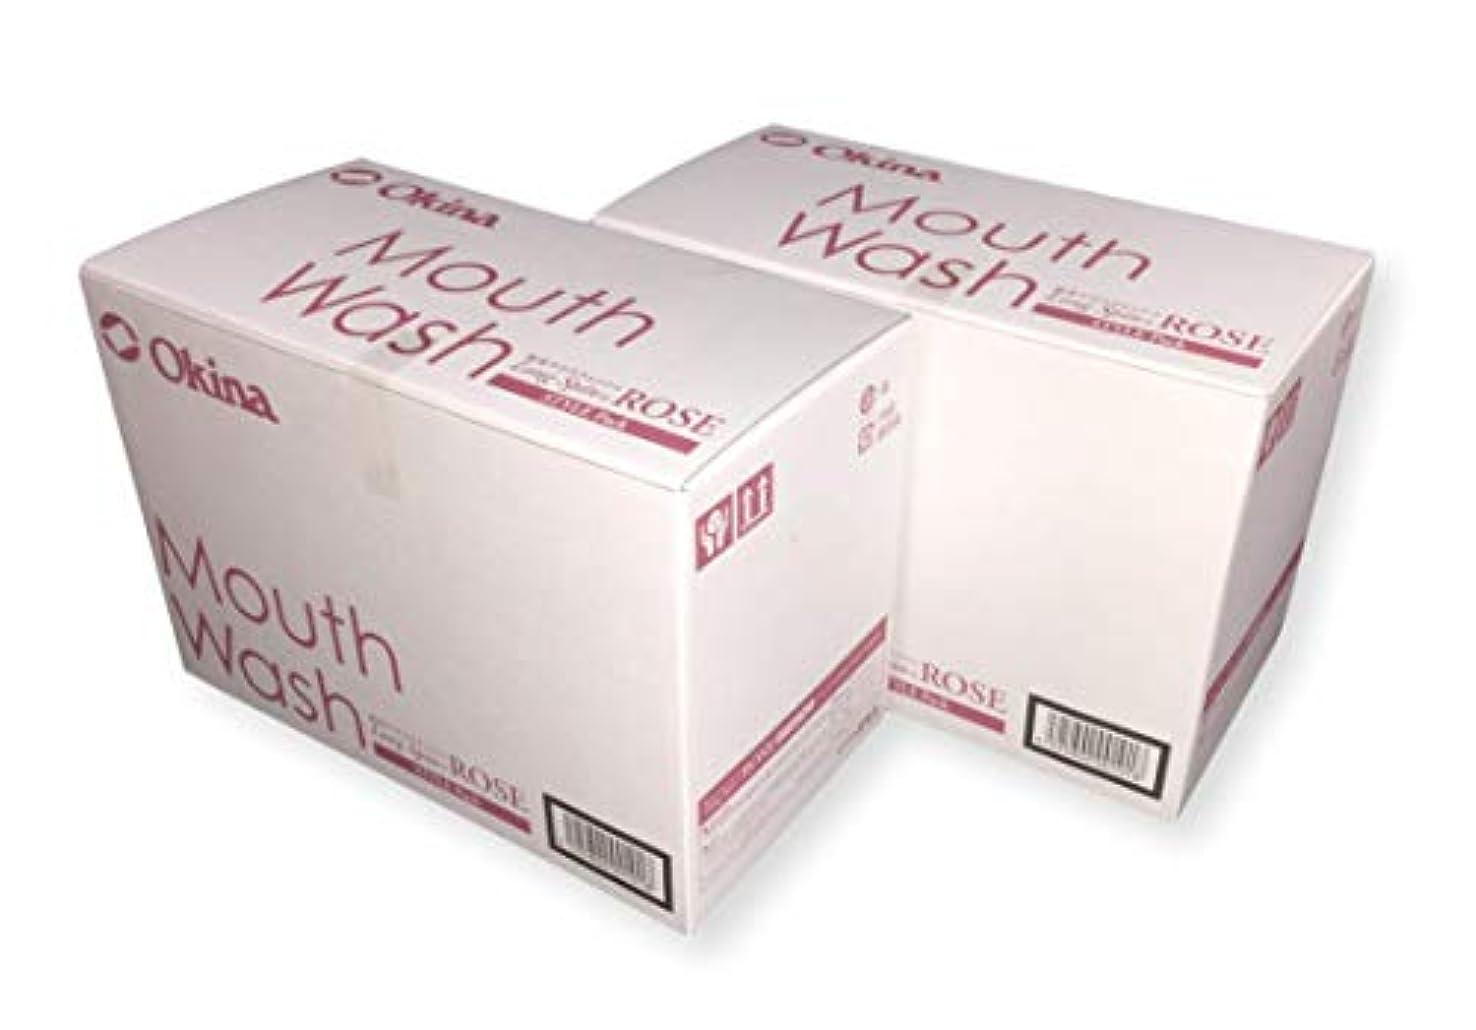 検出する不振またねオキナ マウスウォッシュ ロングスピン スタイルパック ROSE お得な2箱セット(100入りx2箱) LS-RS